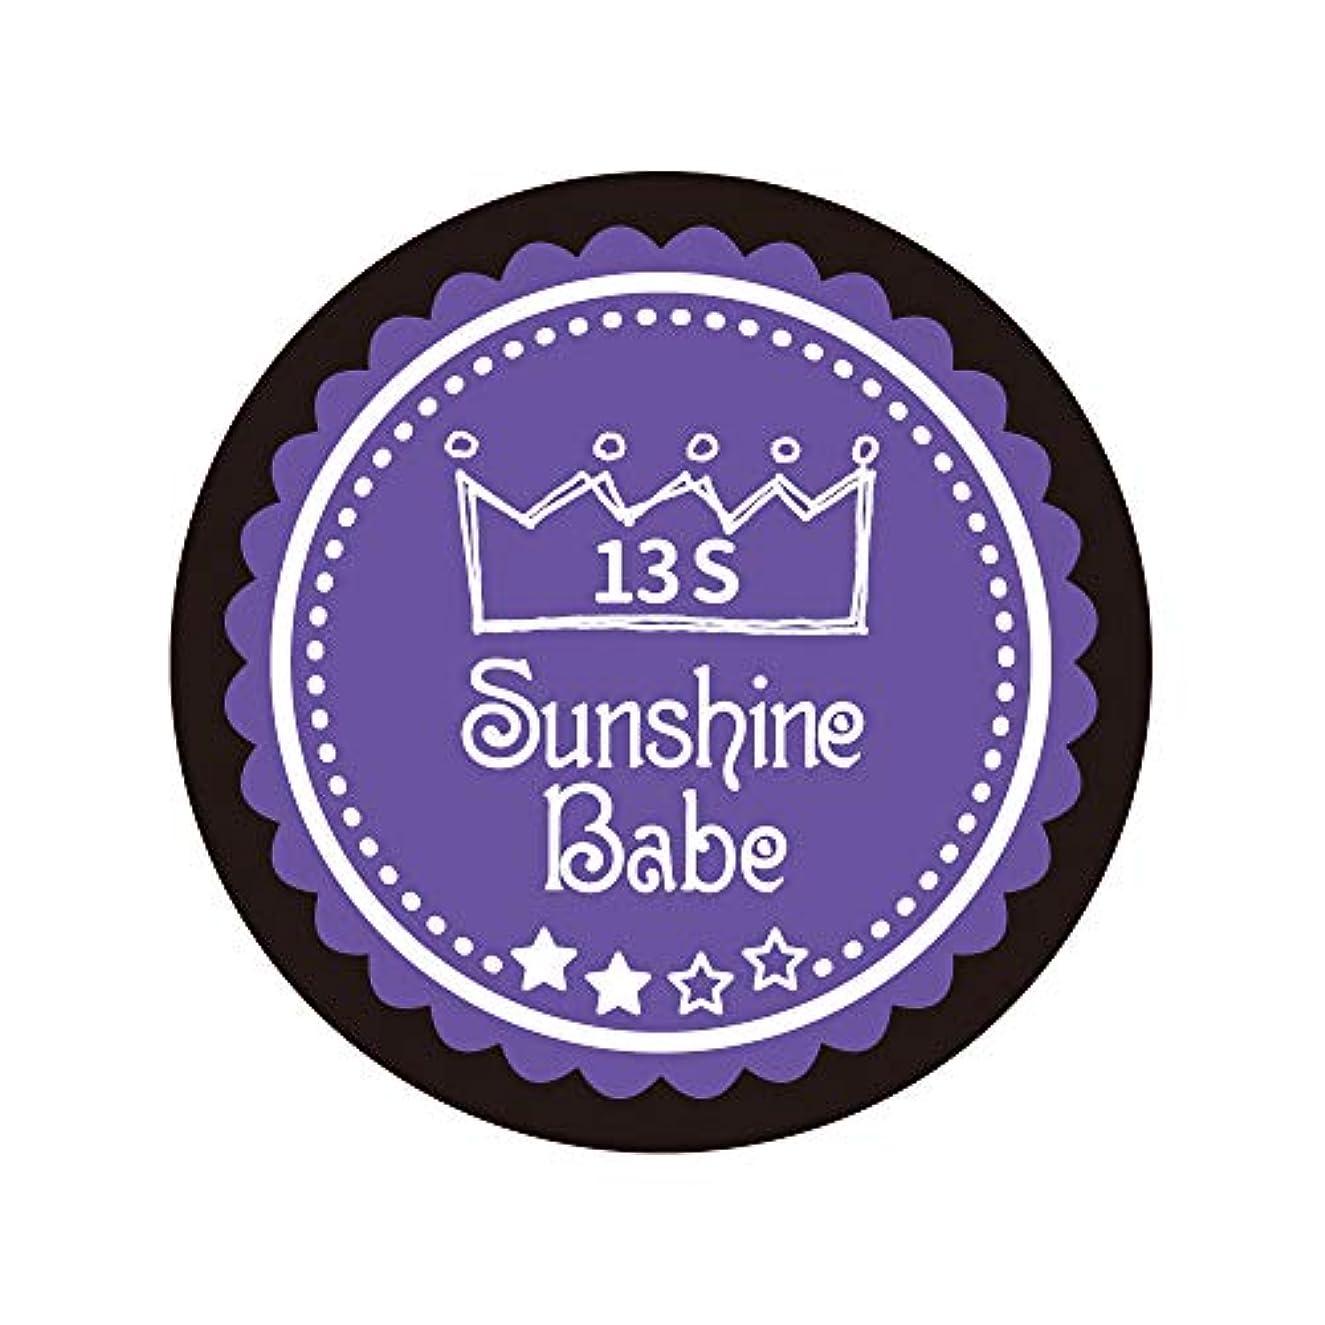 志すジェームズダイソンたっぷりSunshine Babe コスメティックカラー 13S ウルトラバイオレット 4g UV/LED対応